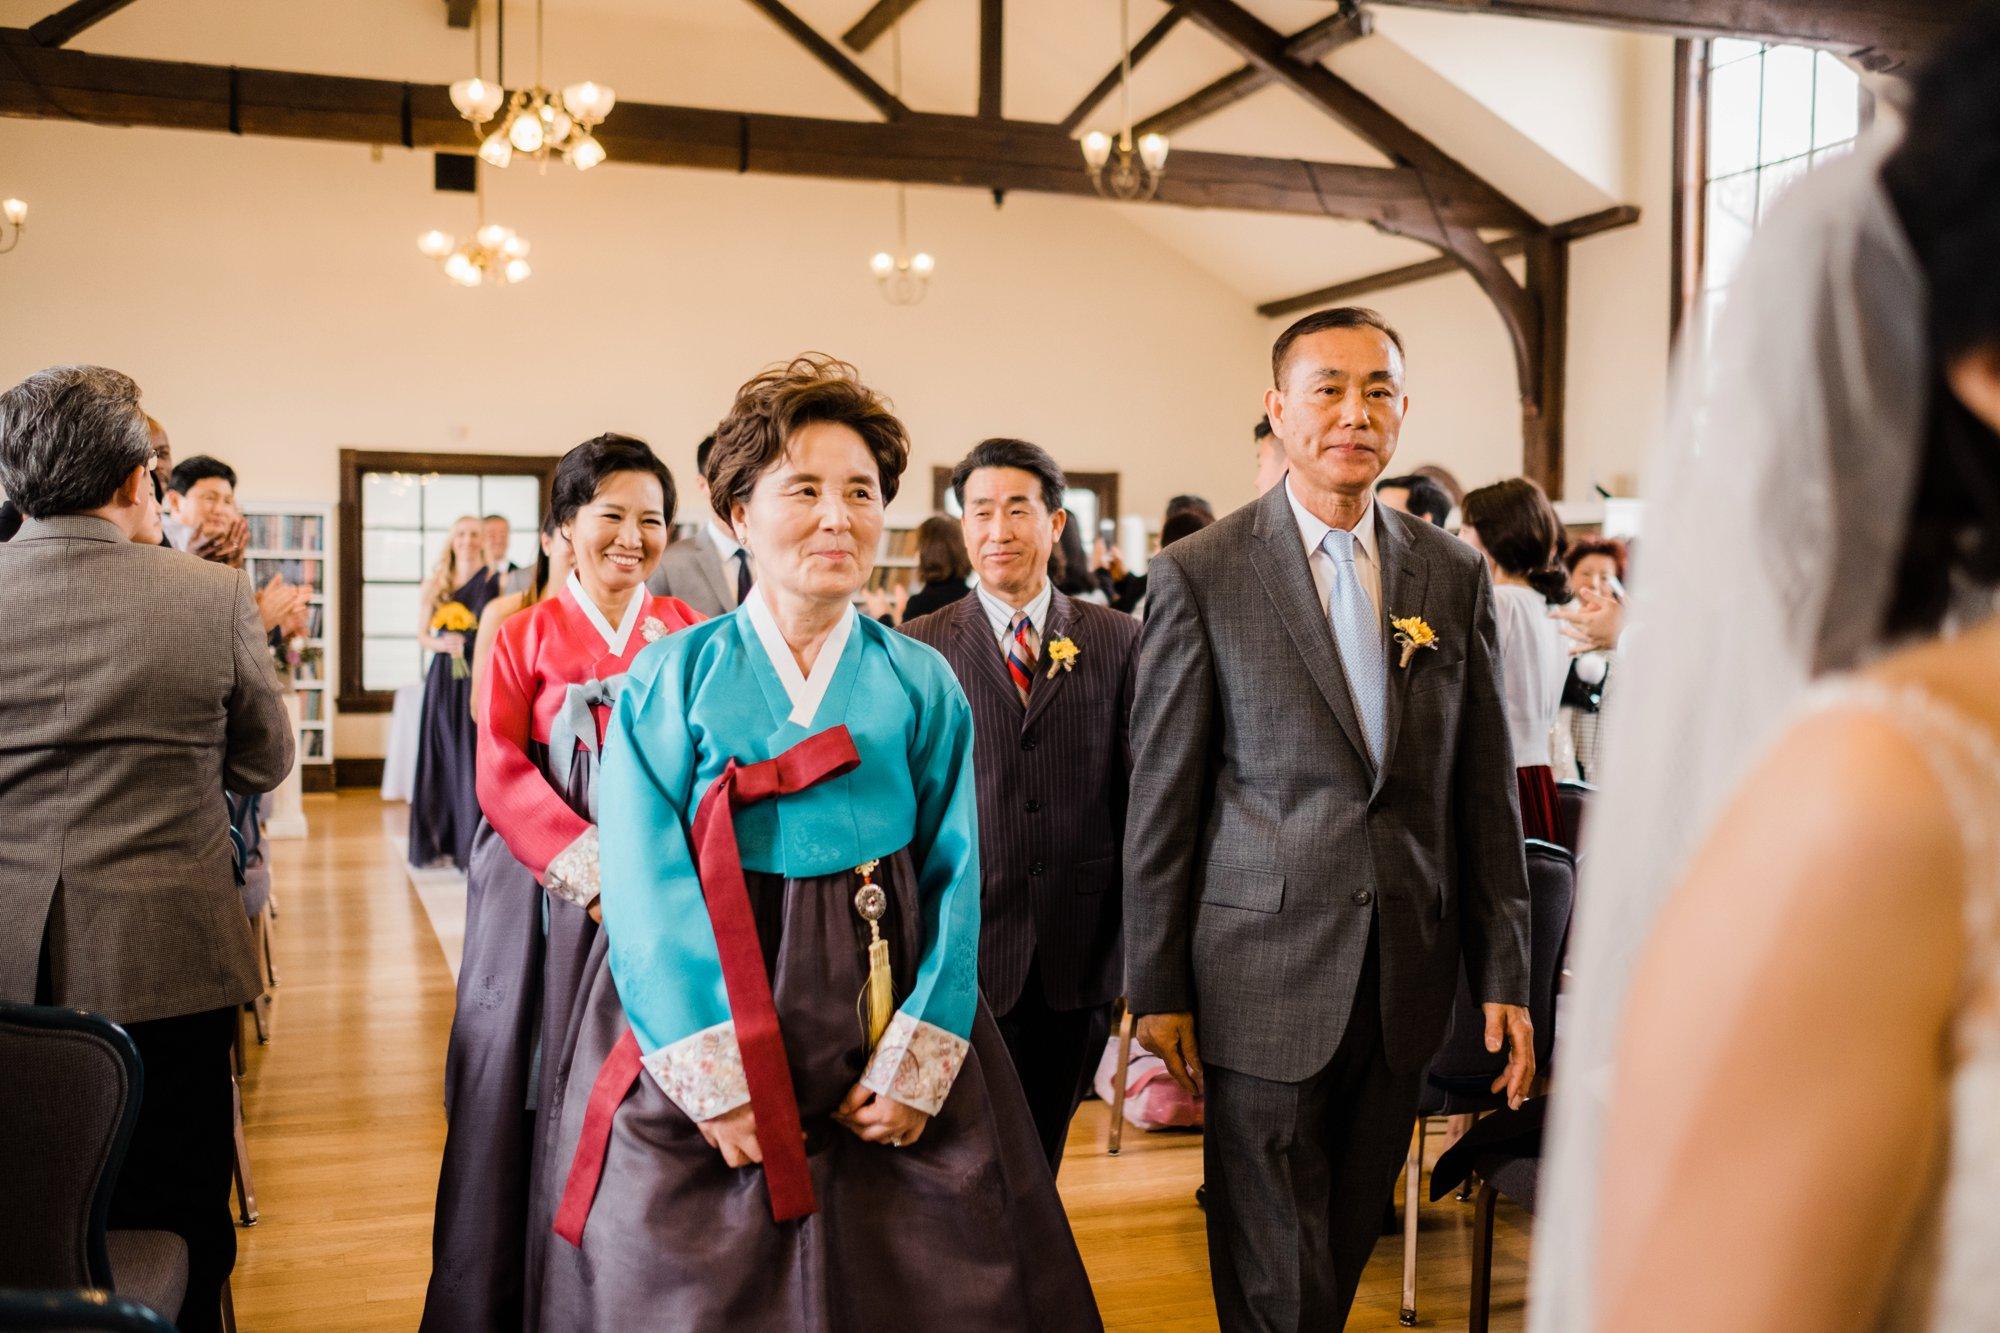 fairfax-dc-wedding-old-city-hall_0119.jpg